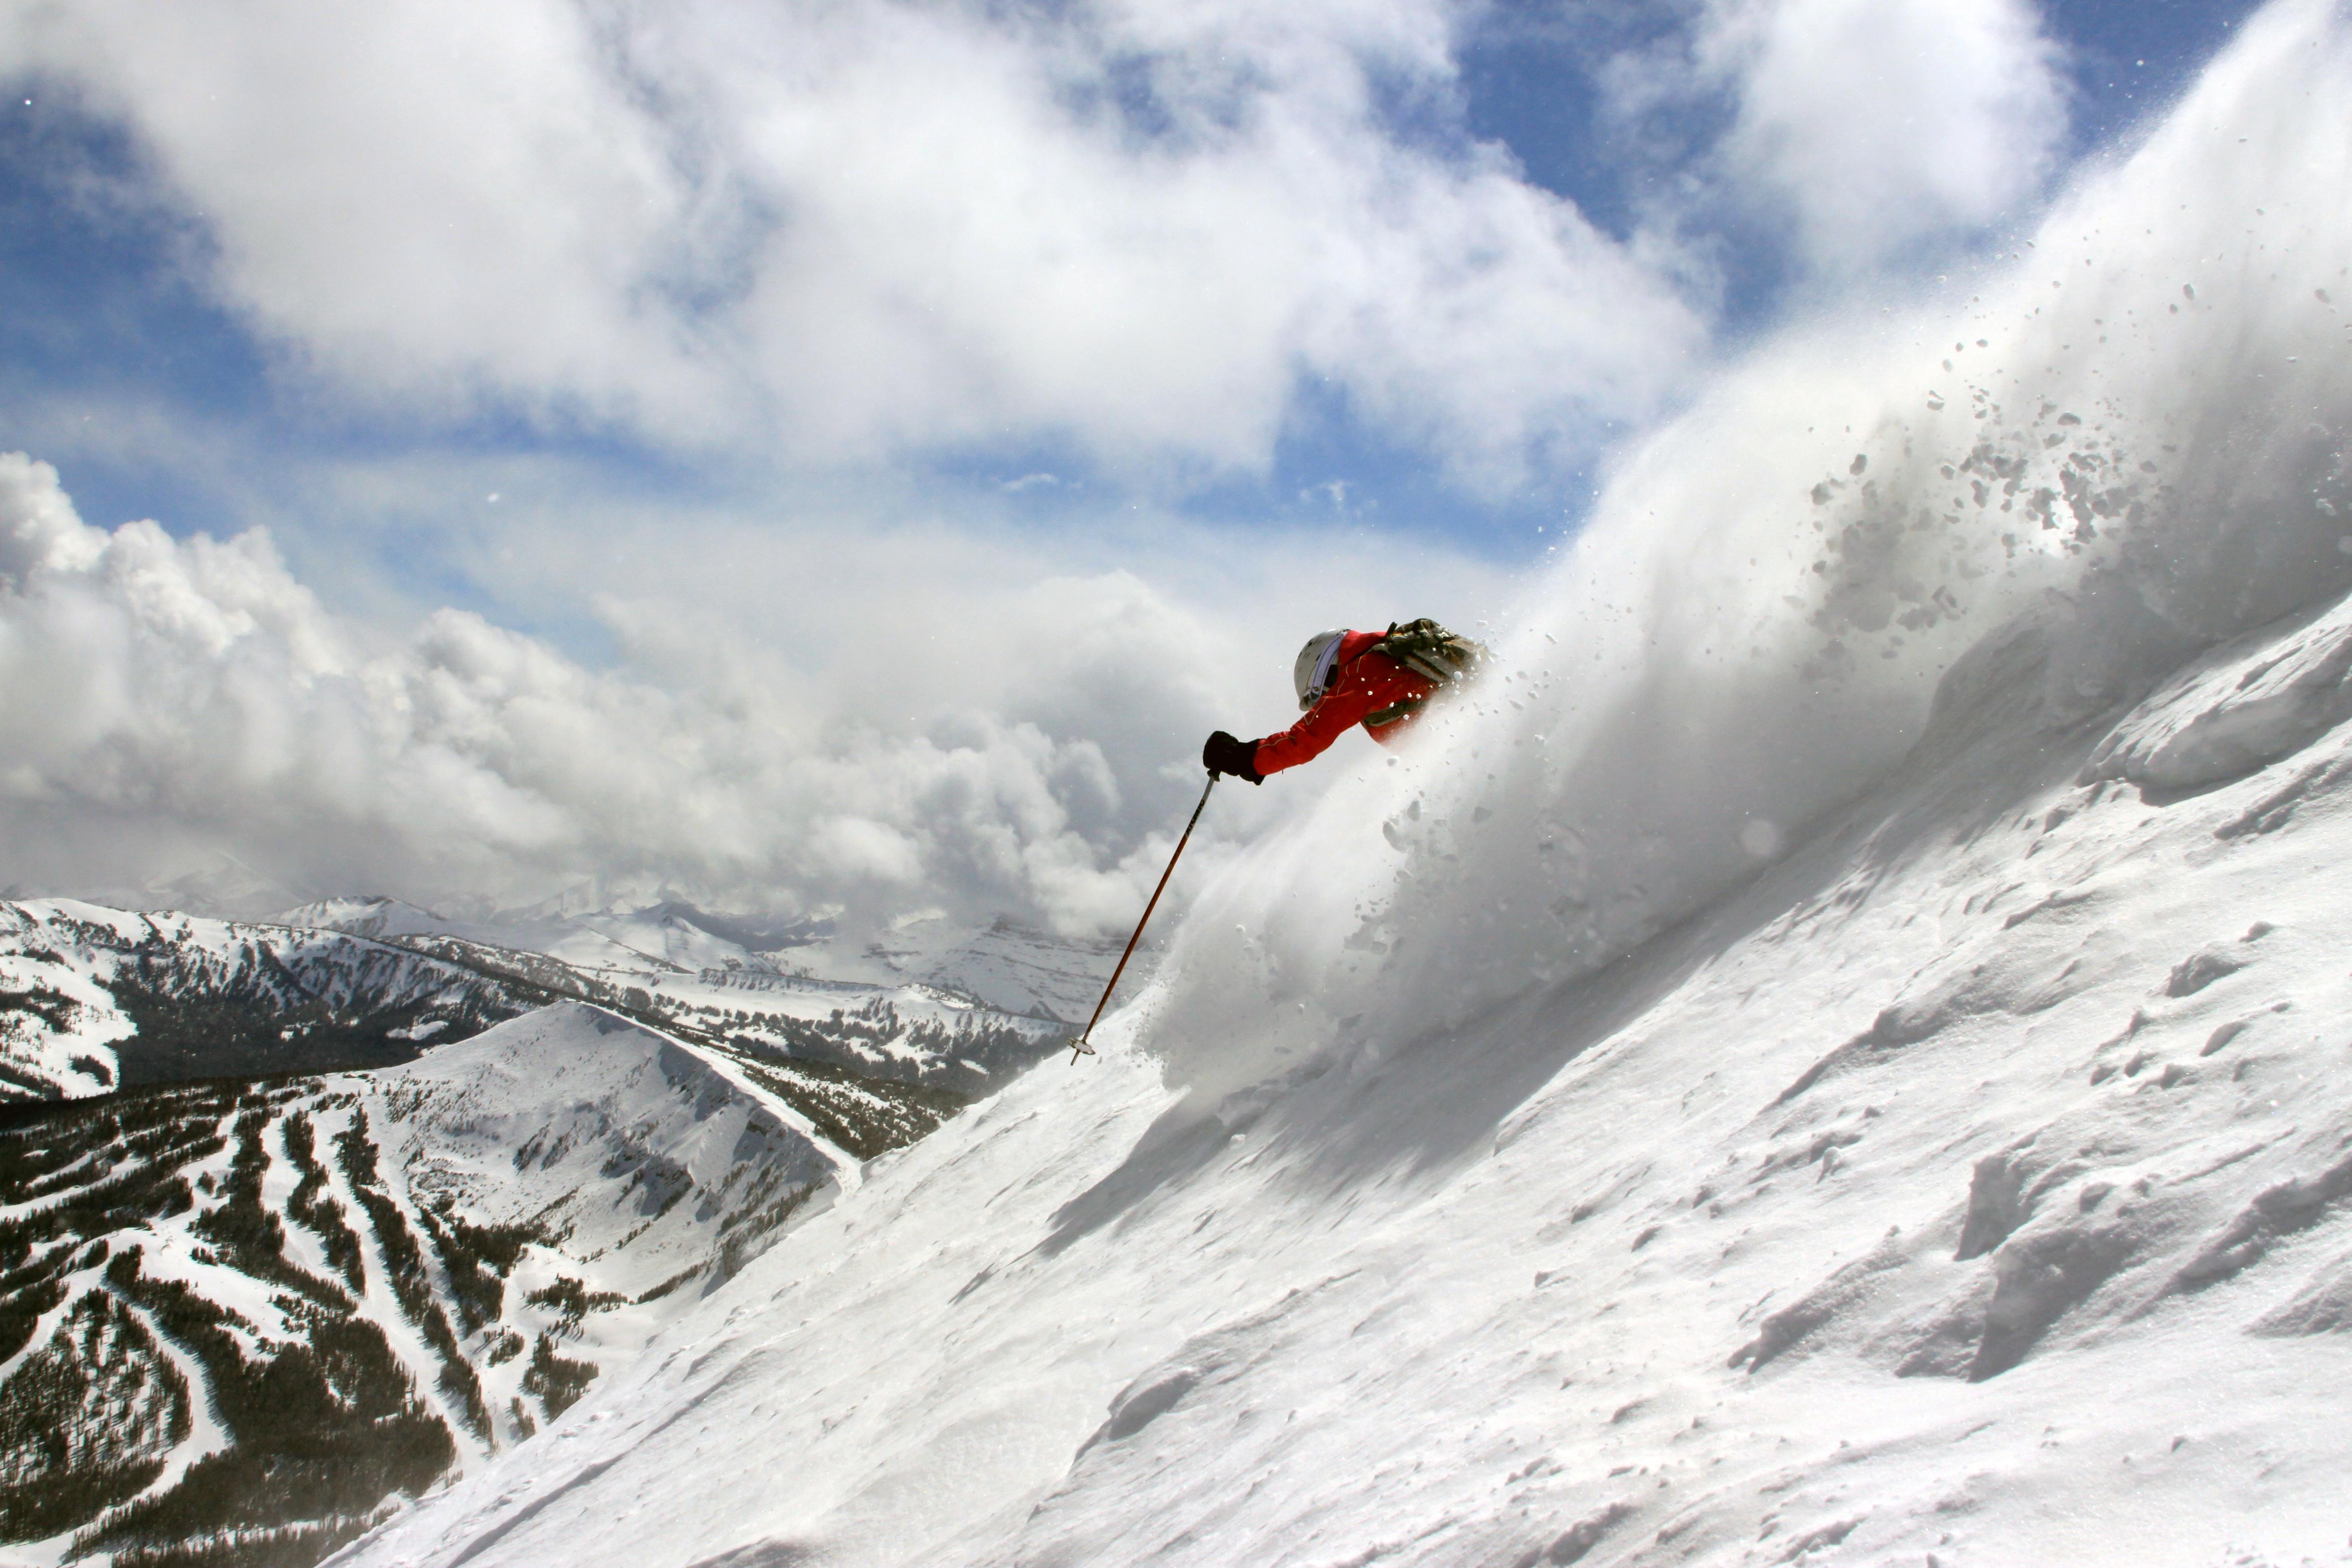 فردی که با اسکی از بالای کوه به پایین می آید (عکس تقدیمی از دفتر گردشگری مونتانا)